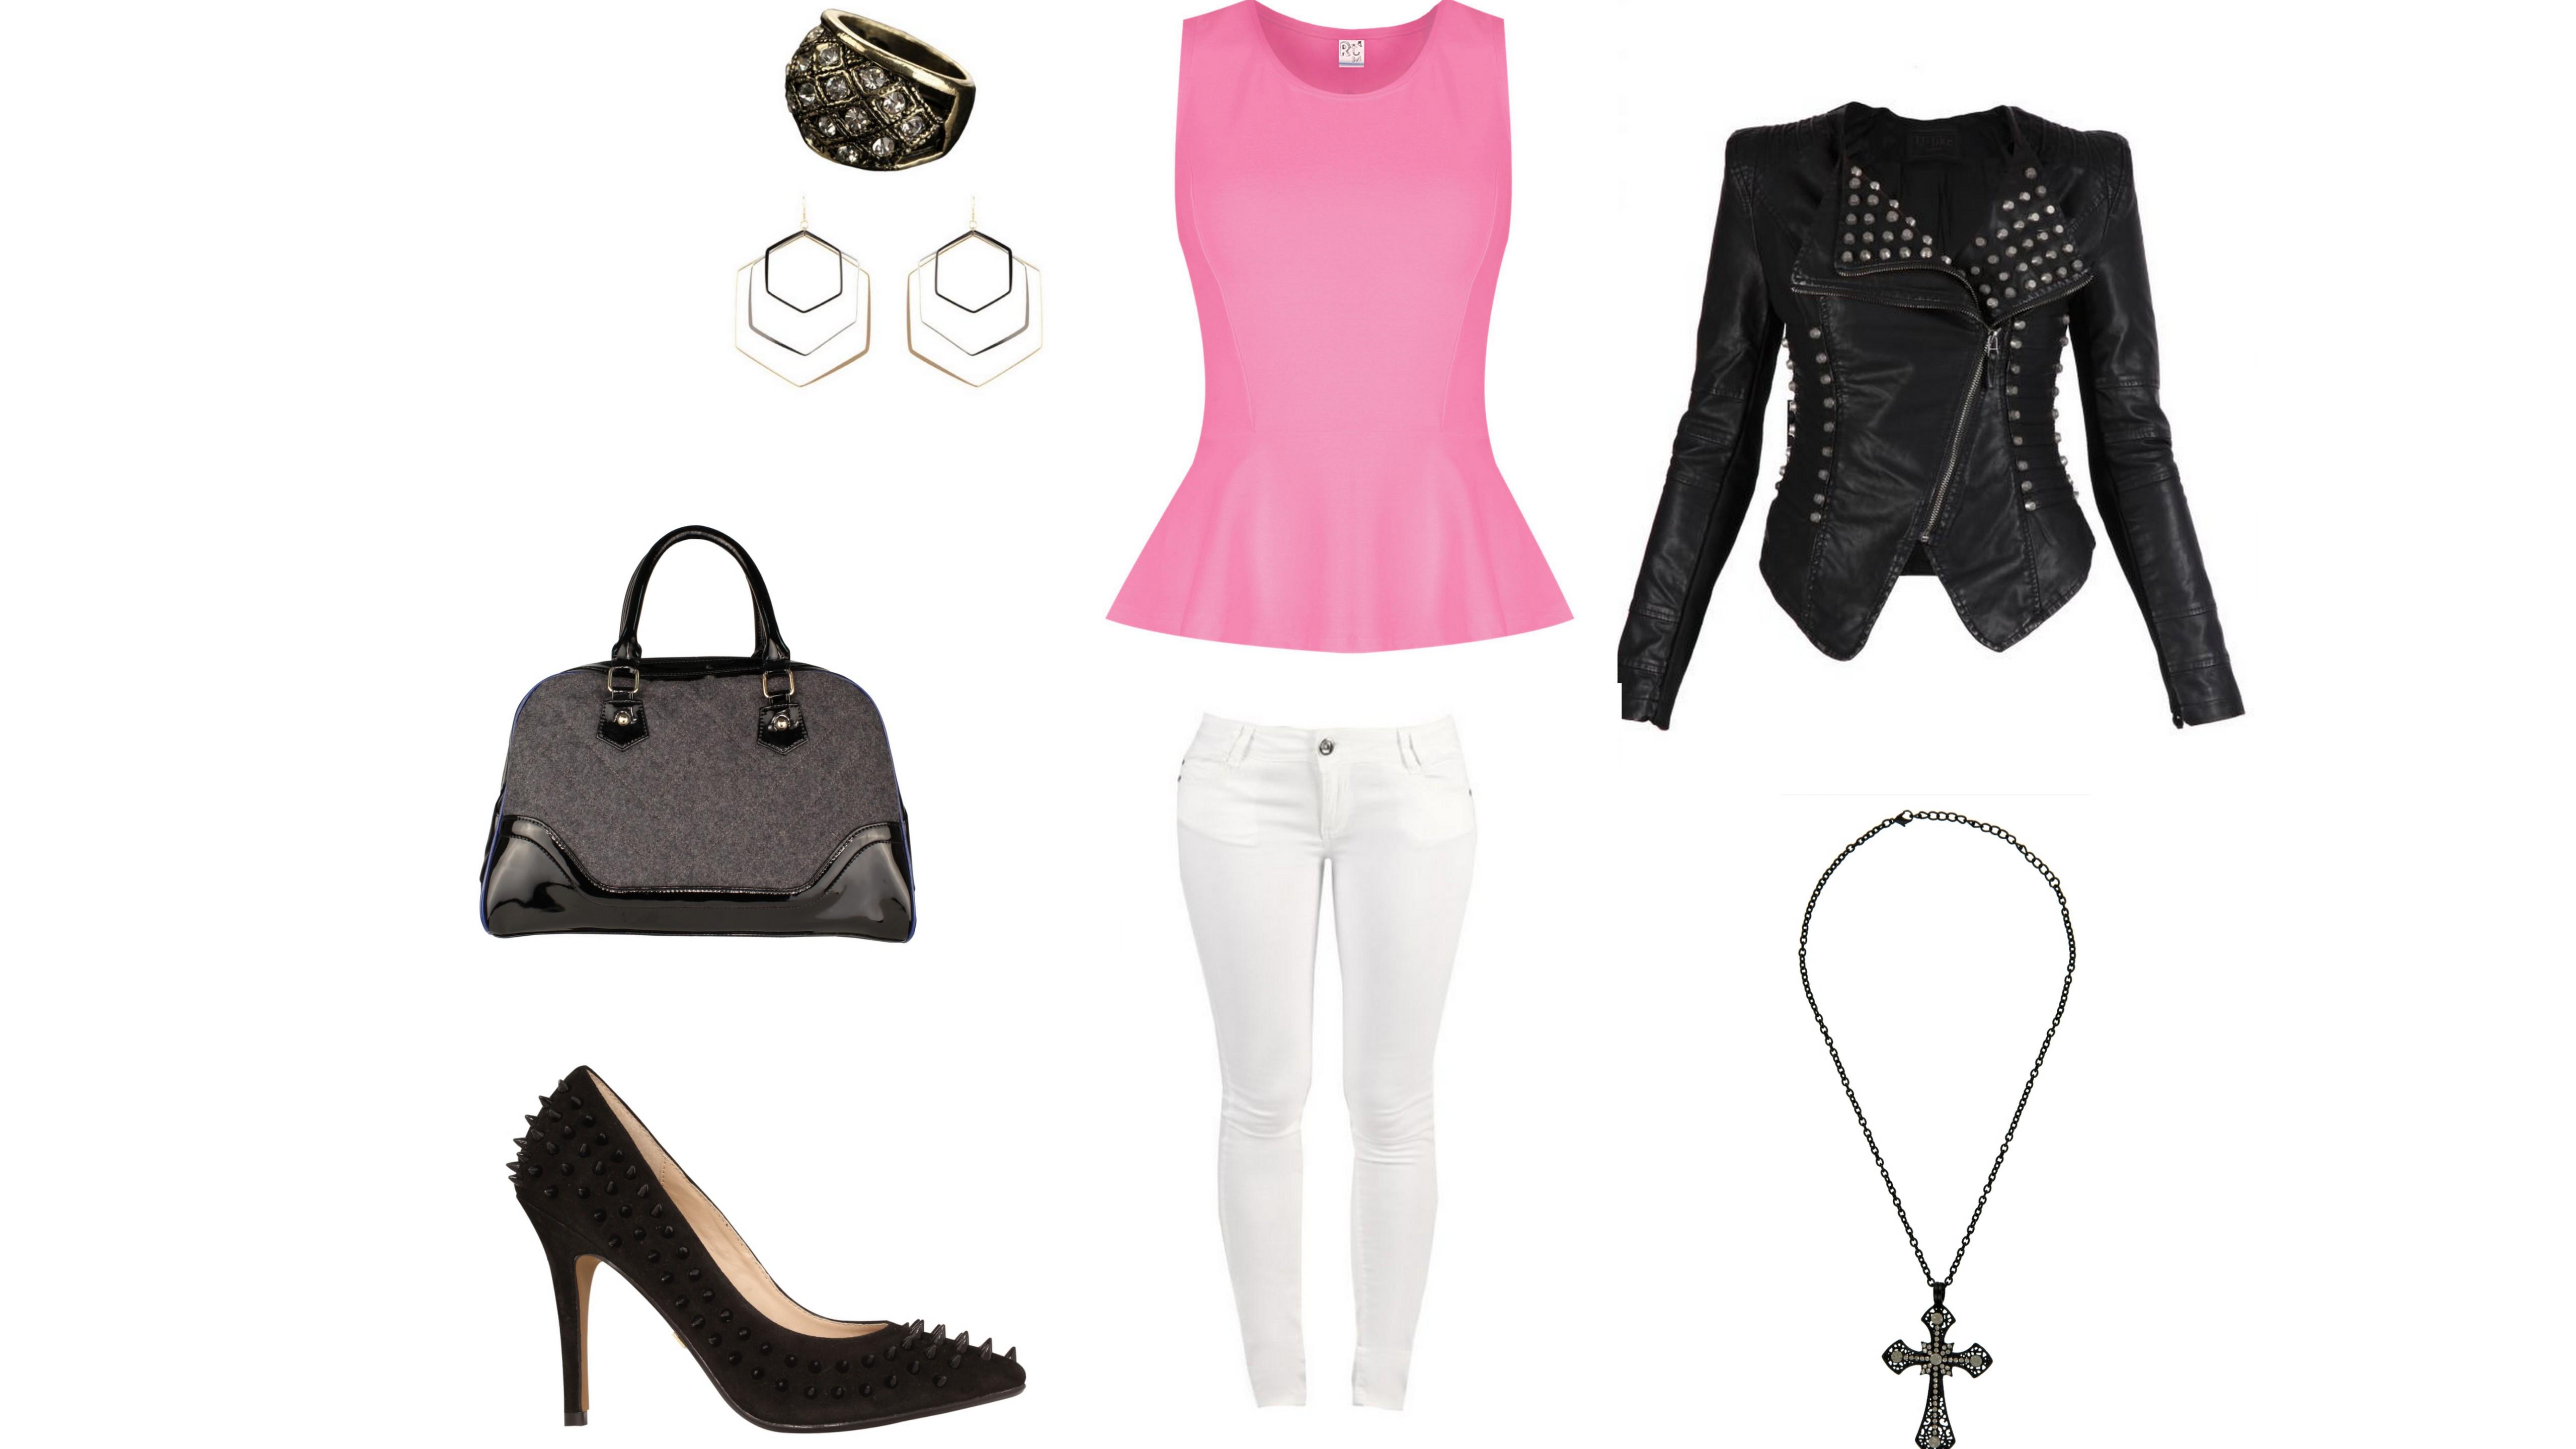 Zando Fashion